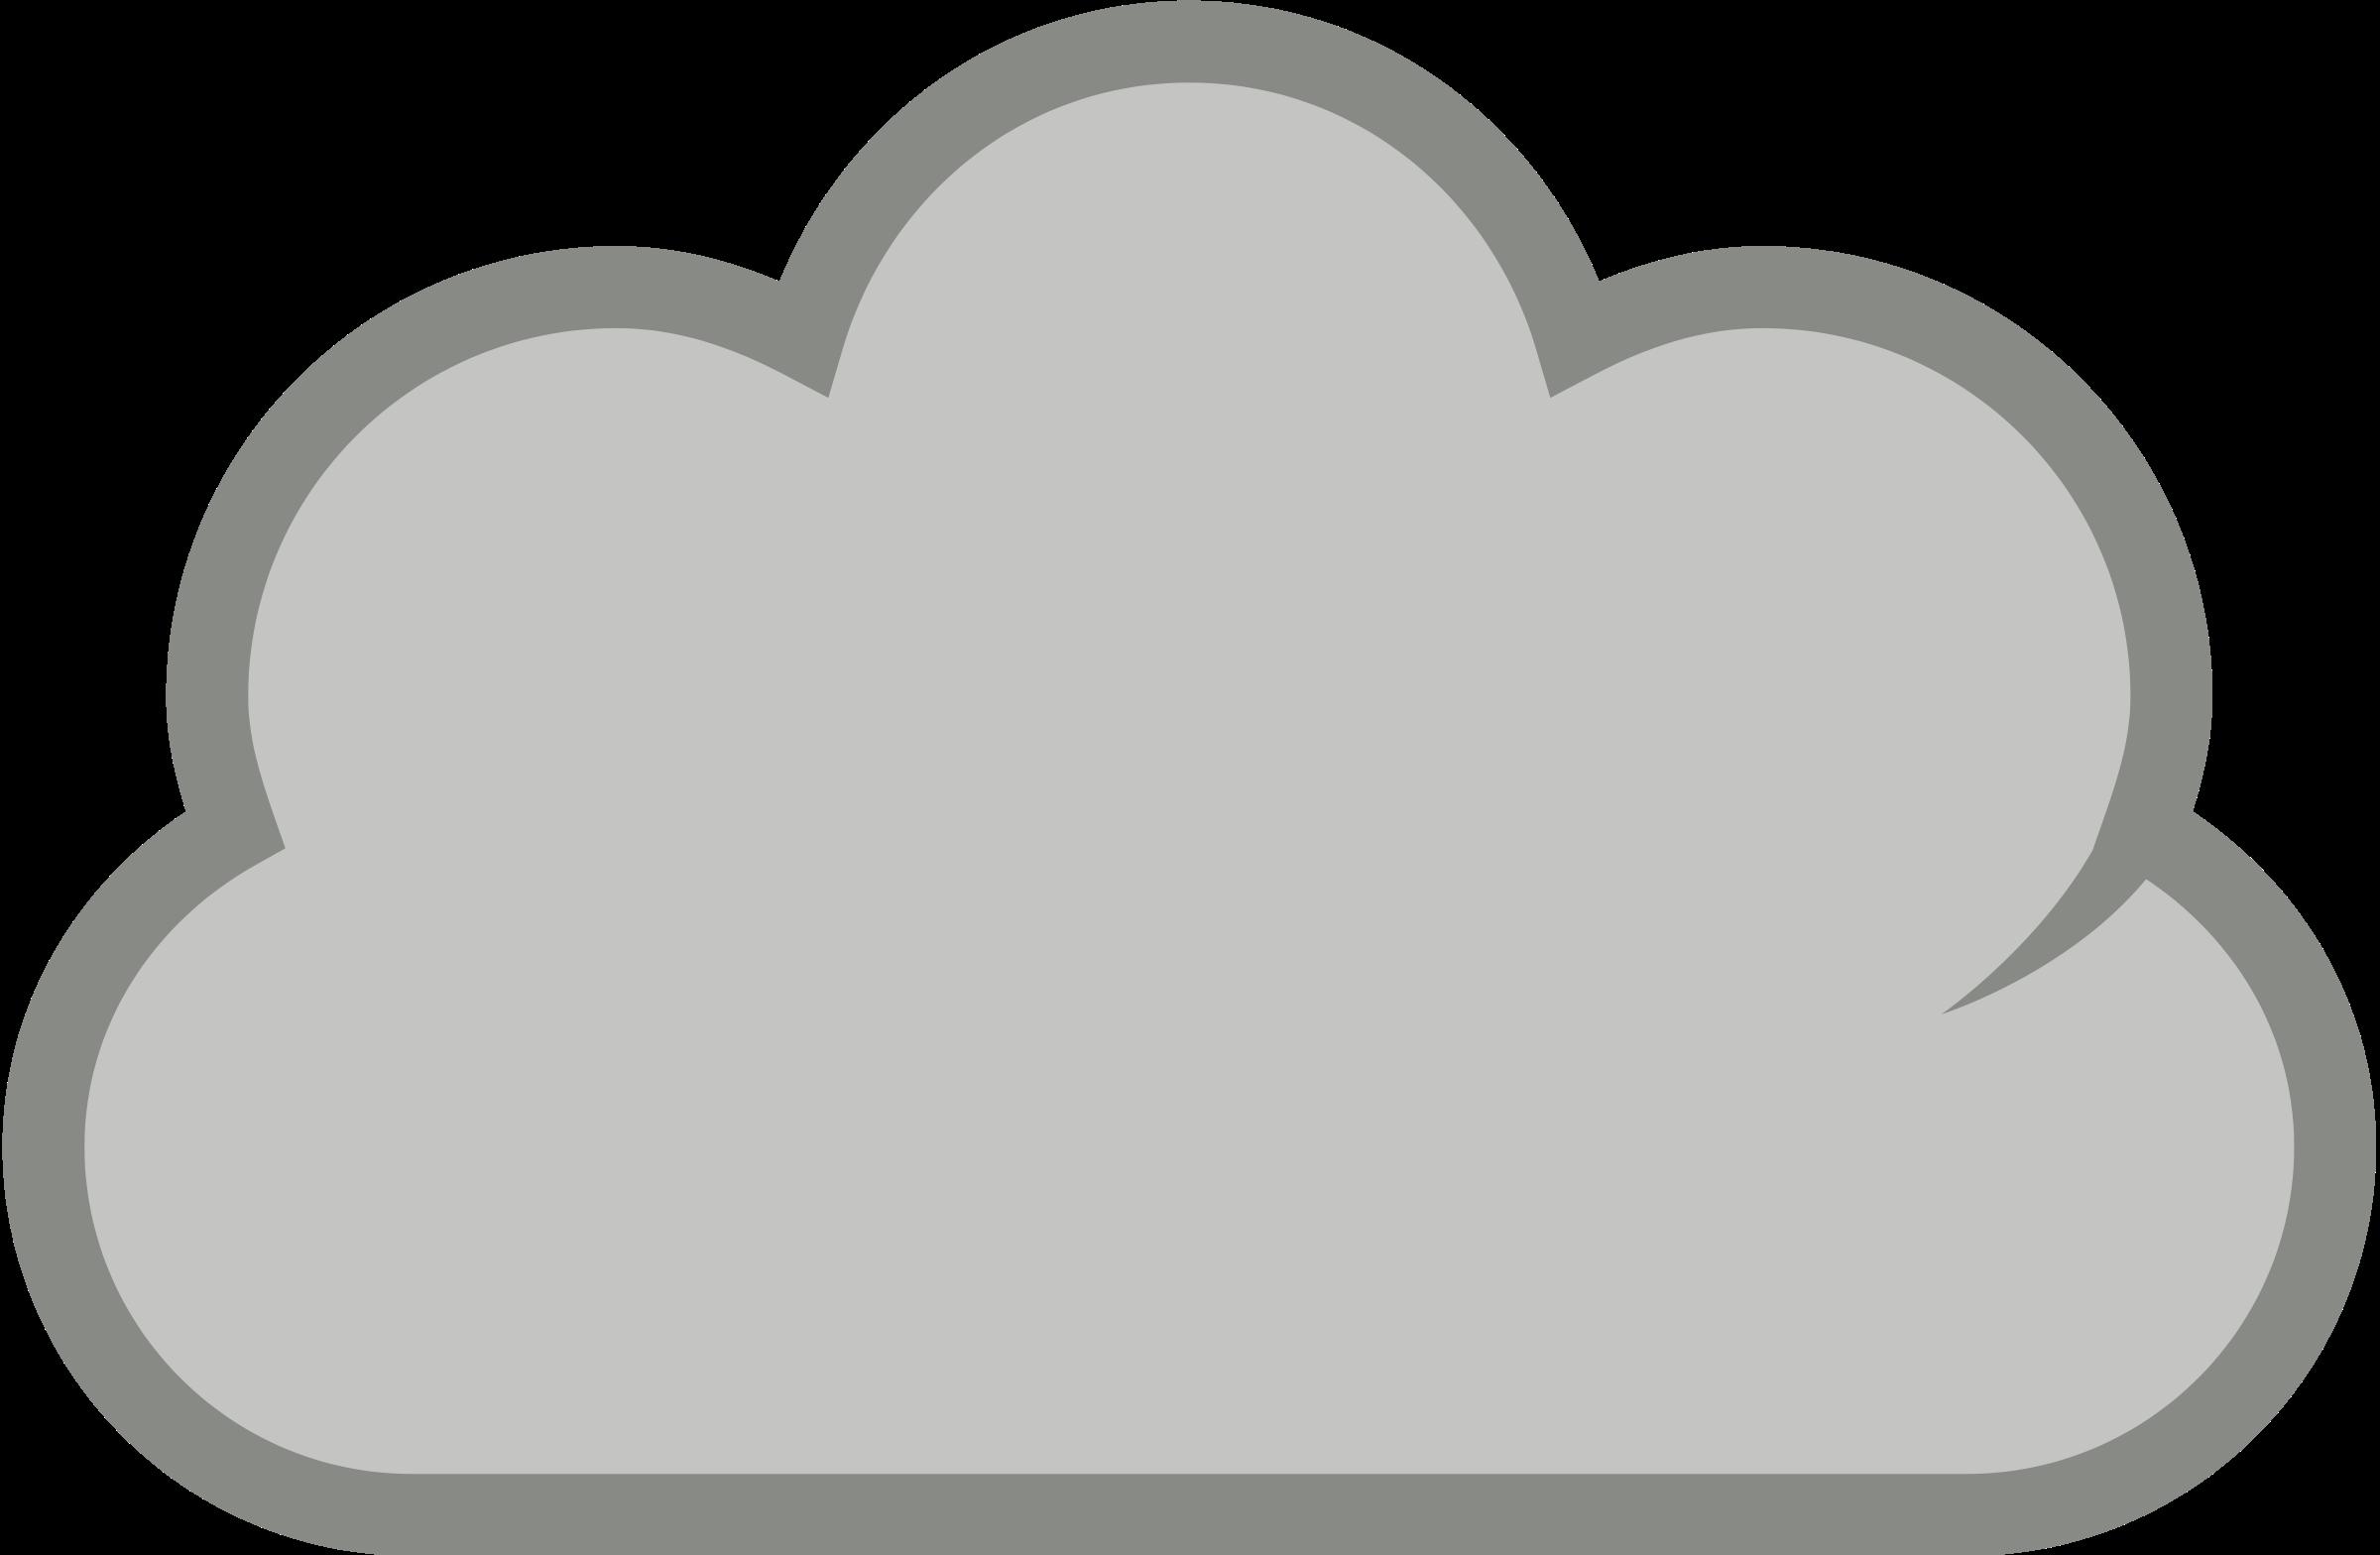 Cloudy Clipart - Clipart Kid